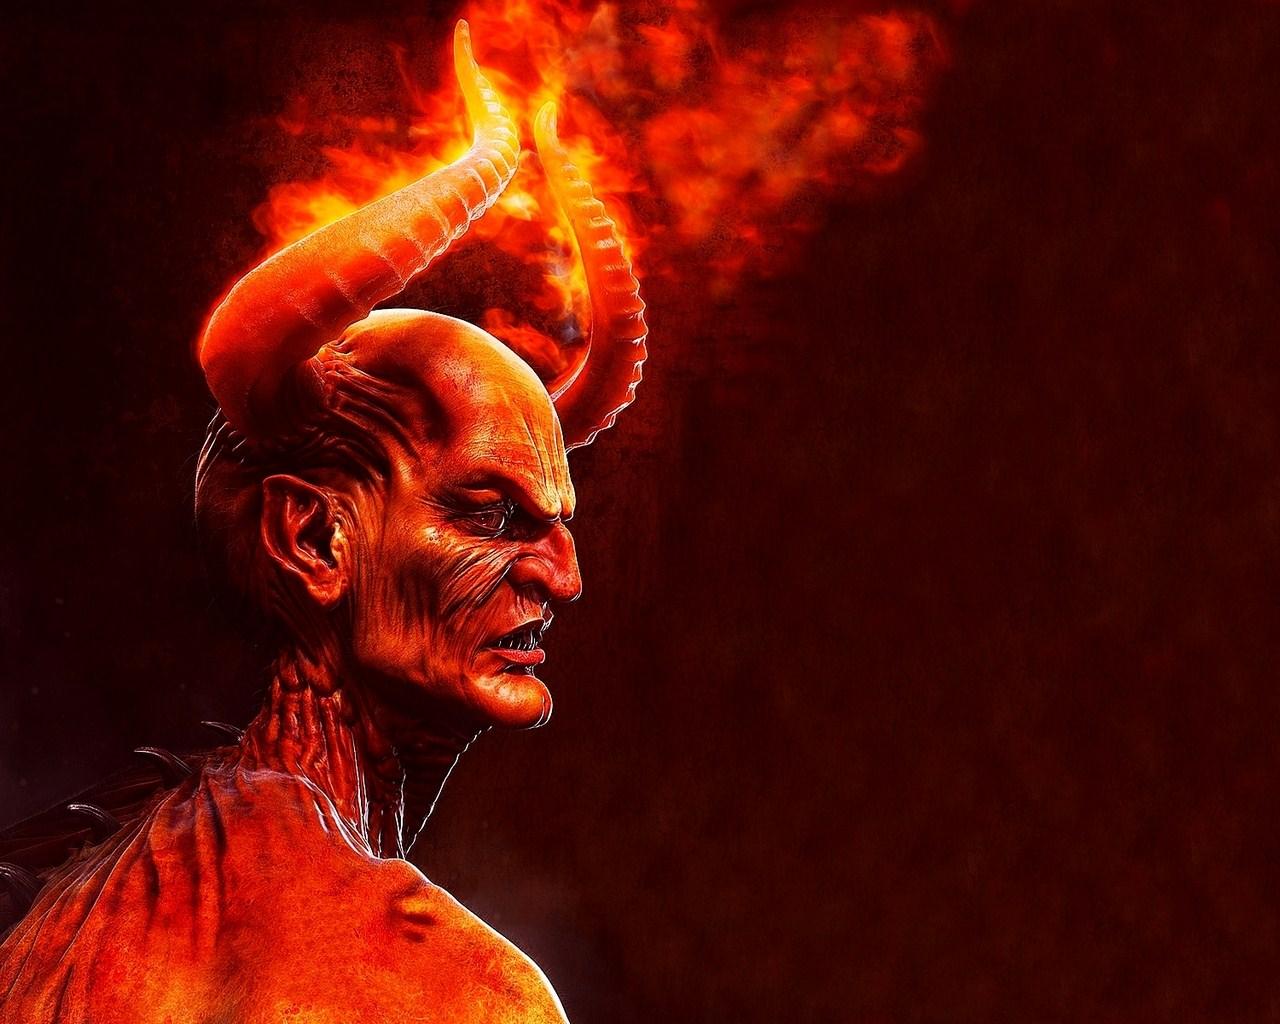 azino ьояит сатана